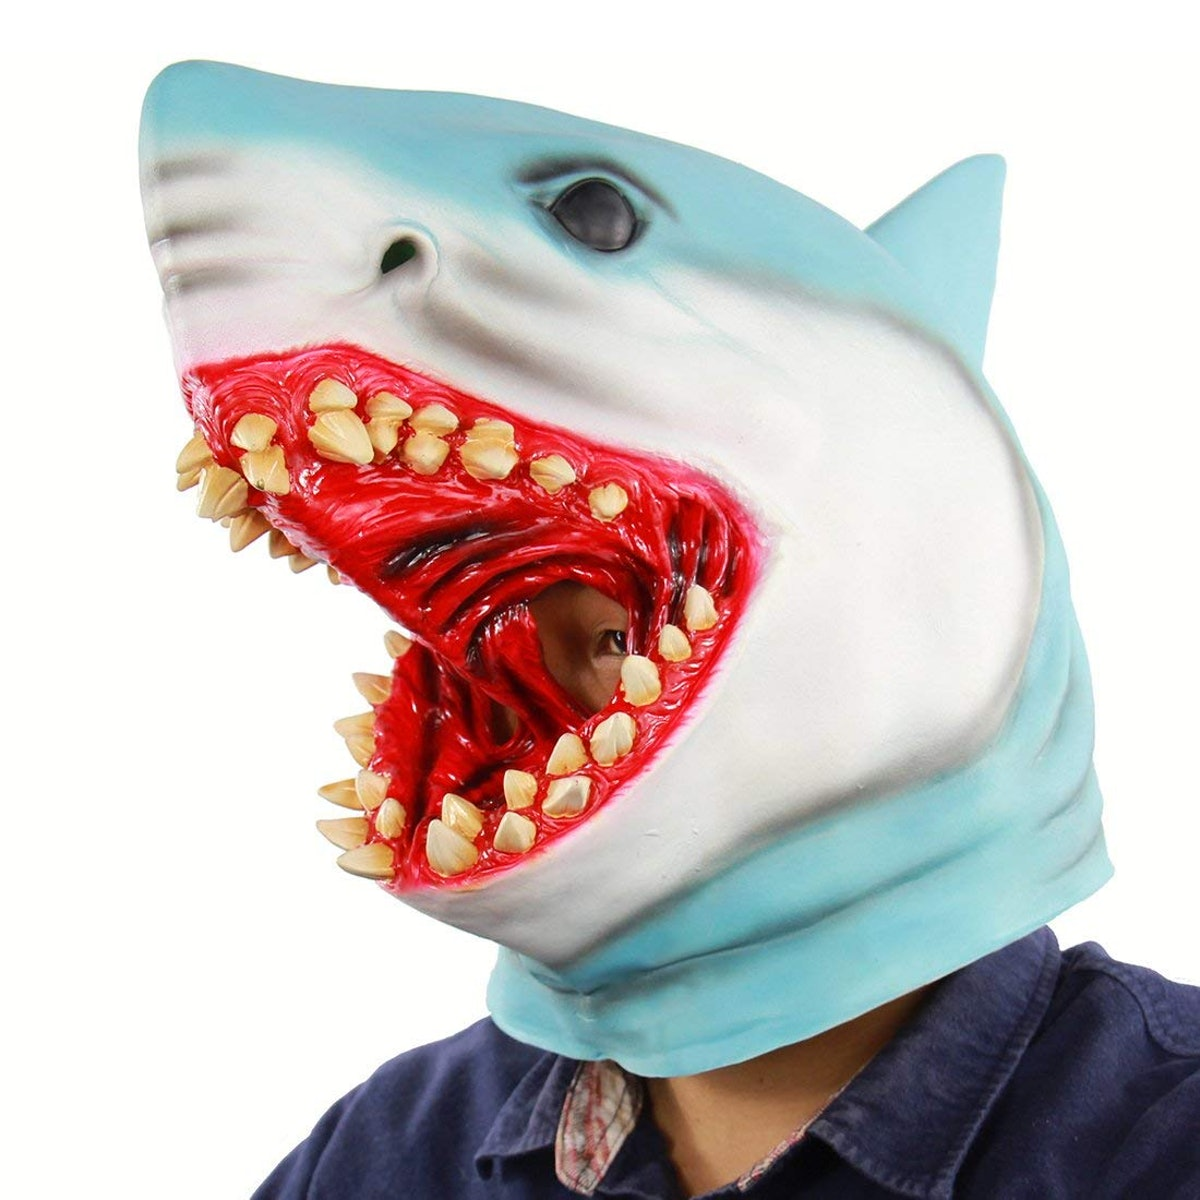 Hophen Halloween Horror Shark Animal